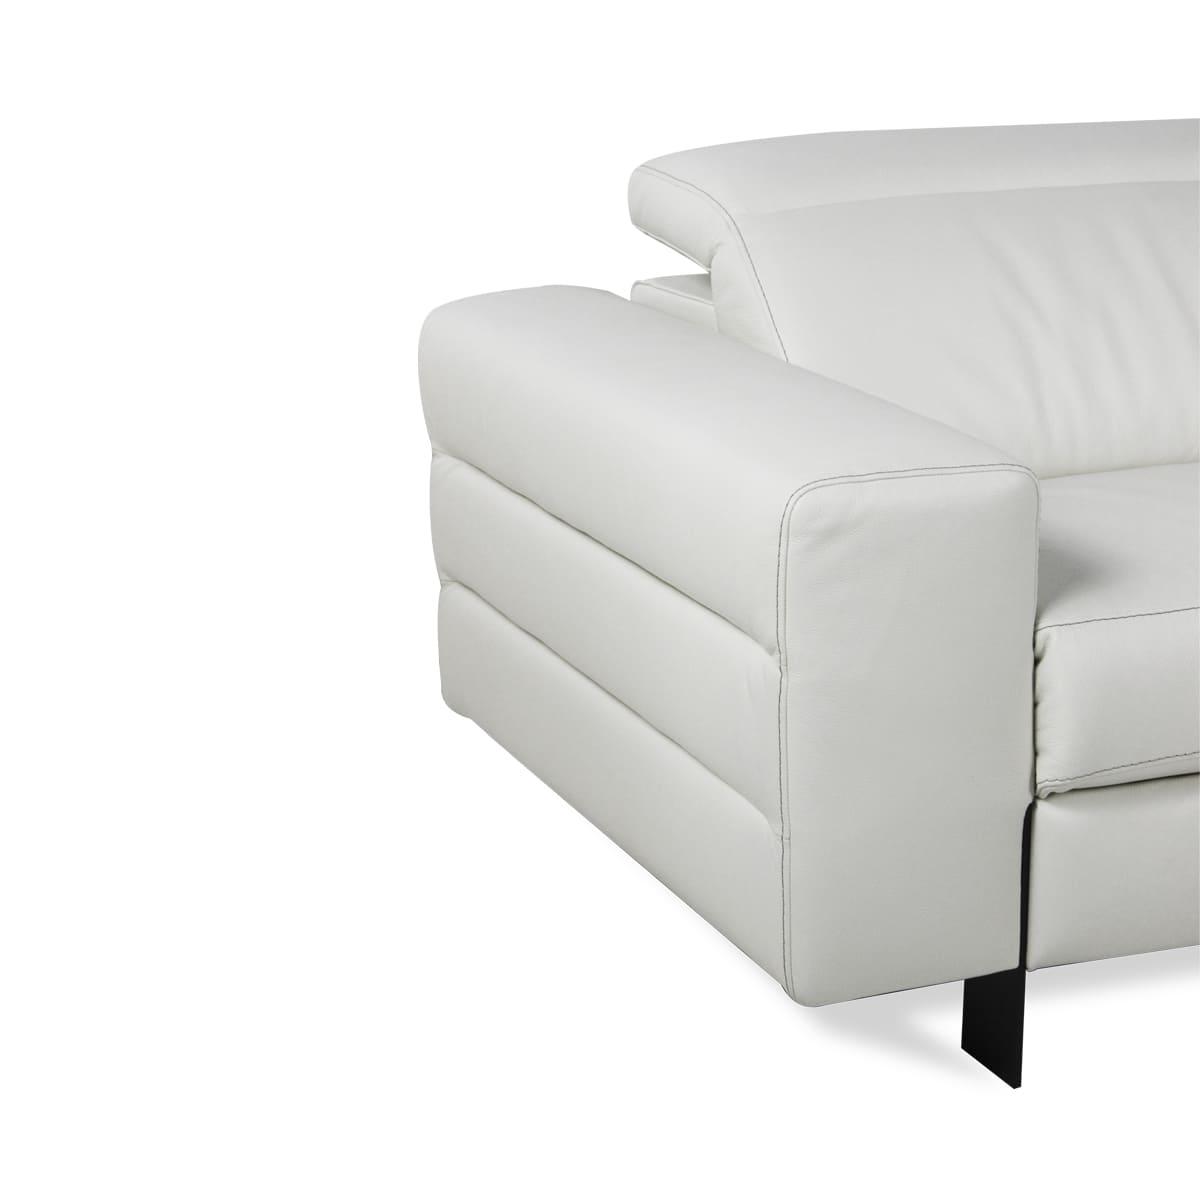 Image of: Sofa Retratil Otis Couro 3 Lugares Sofa Perfeito Para Sua Casa Sofa Retratil Voktum